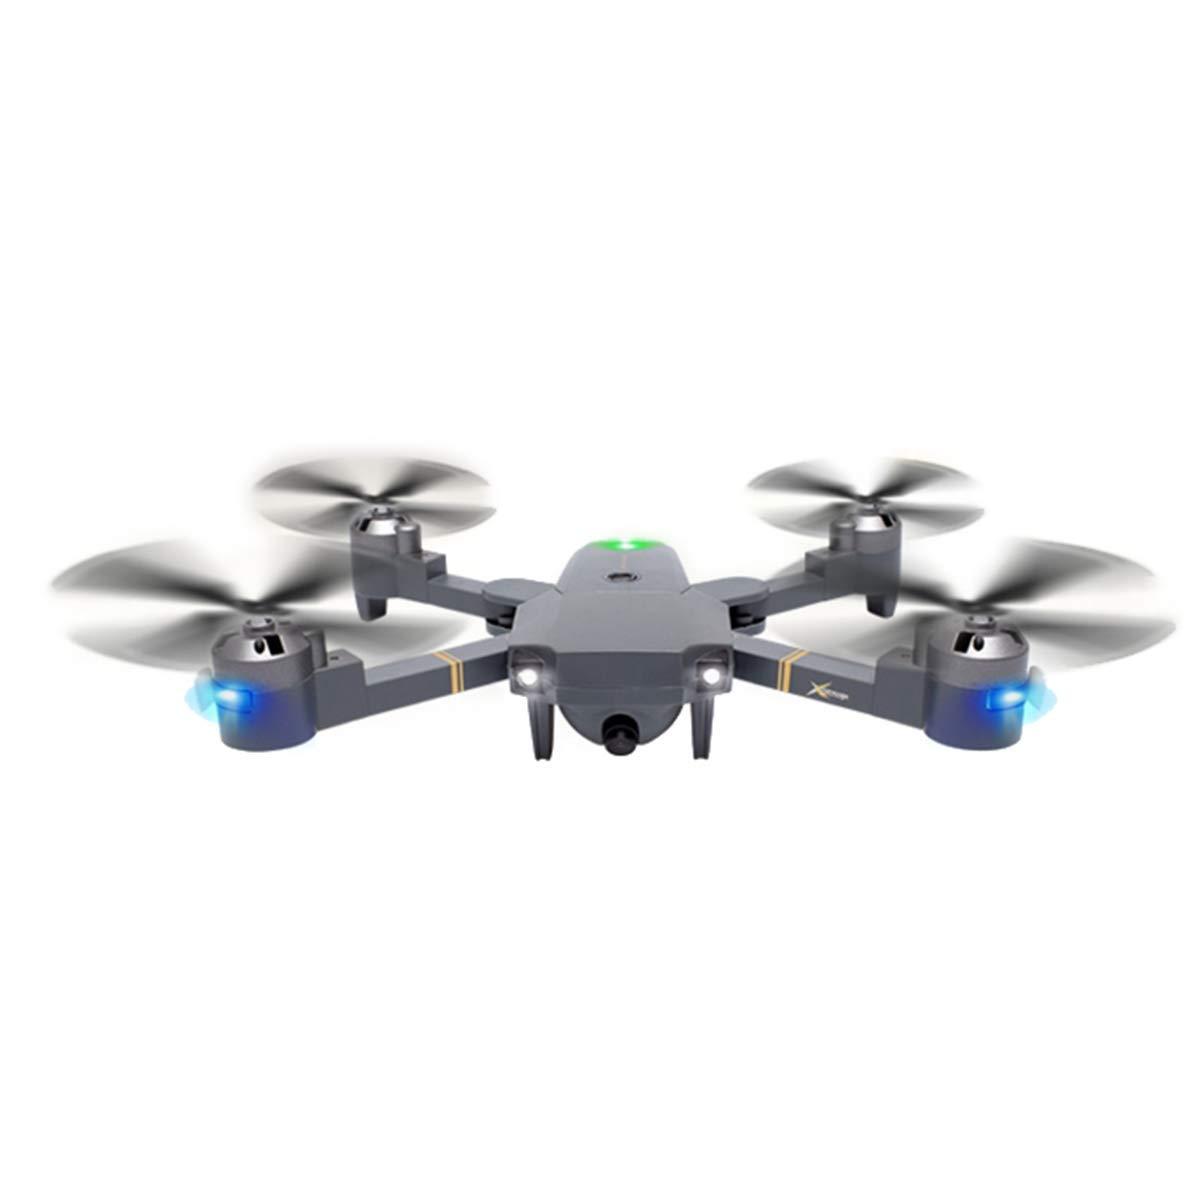 YongBe RC Flugzeug Heim Quadcopter Flugbahn Flug Weißwinkel HD Kamera Drone Fernbedienung Flugzeuge One Key Take Off Retur Kinderspielzeug für Anfänger 150m ReichWeiße,schwarz-1080P schwarz 1080P